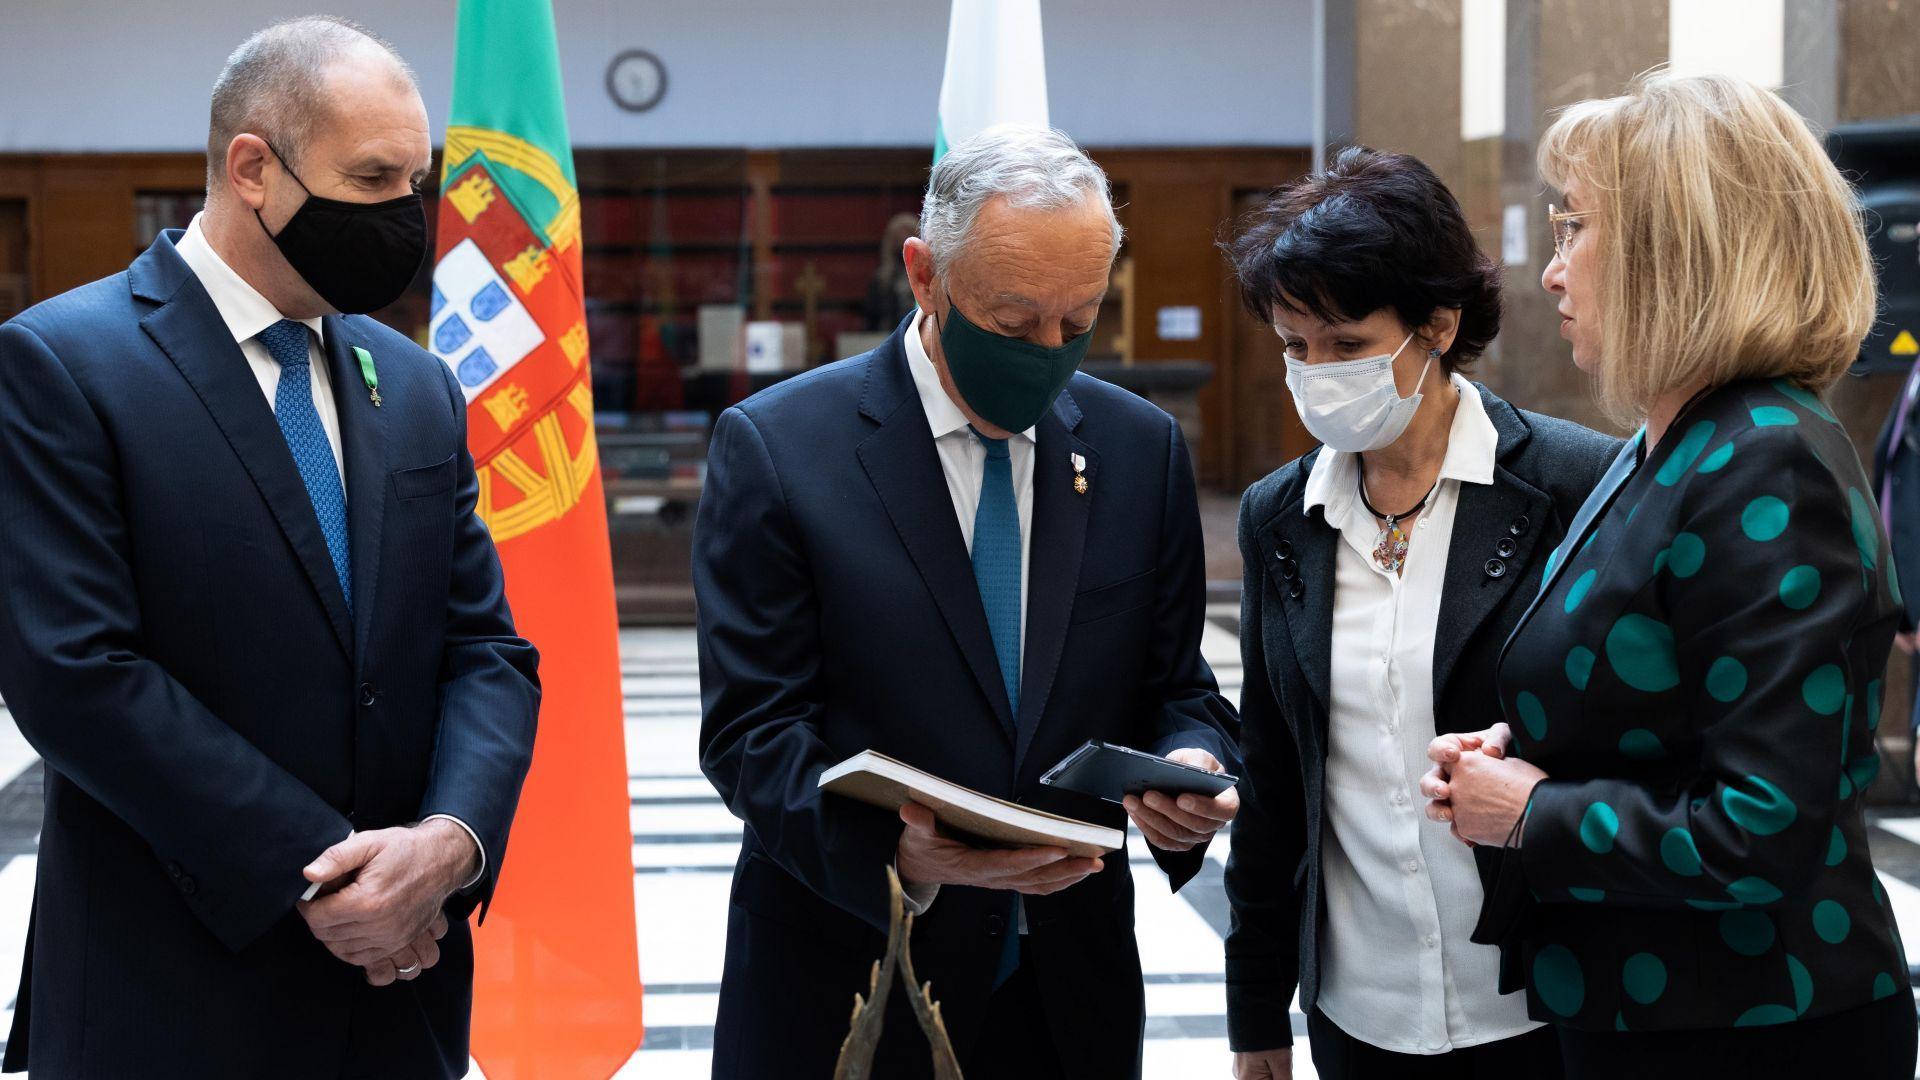 Румен Радев: България и Португалия са единни да работят за по-добро бъдеще на Европа